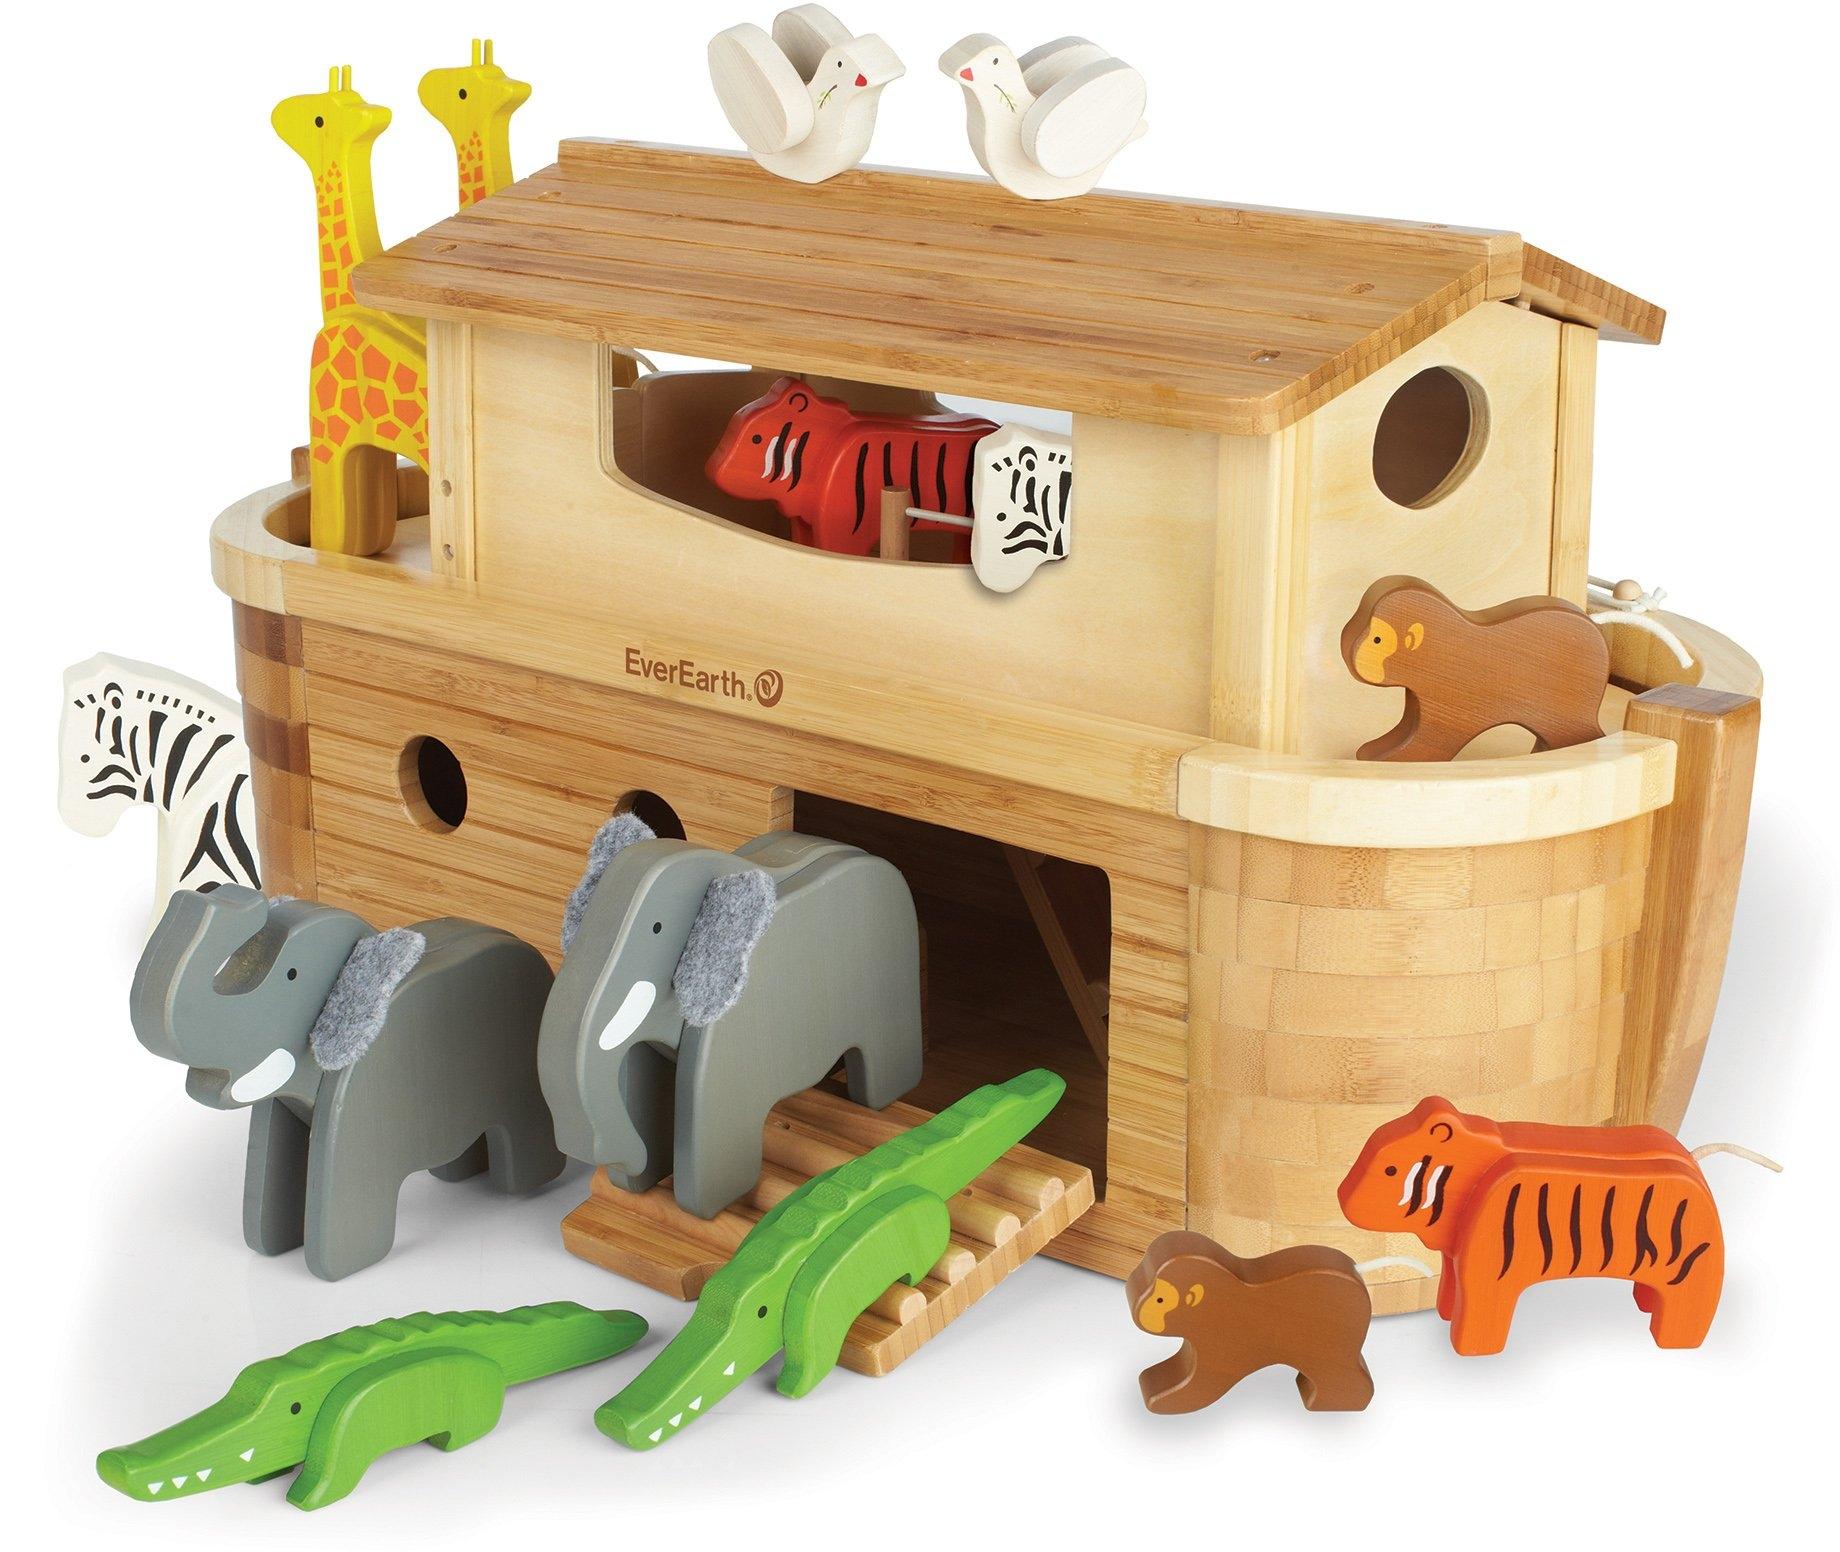 Everearth ® houten speelgoed, »Grote ark van Noach met 14 dieren« nu online kopen bij OTTO